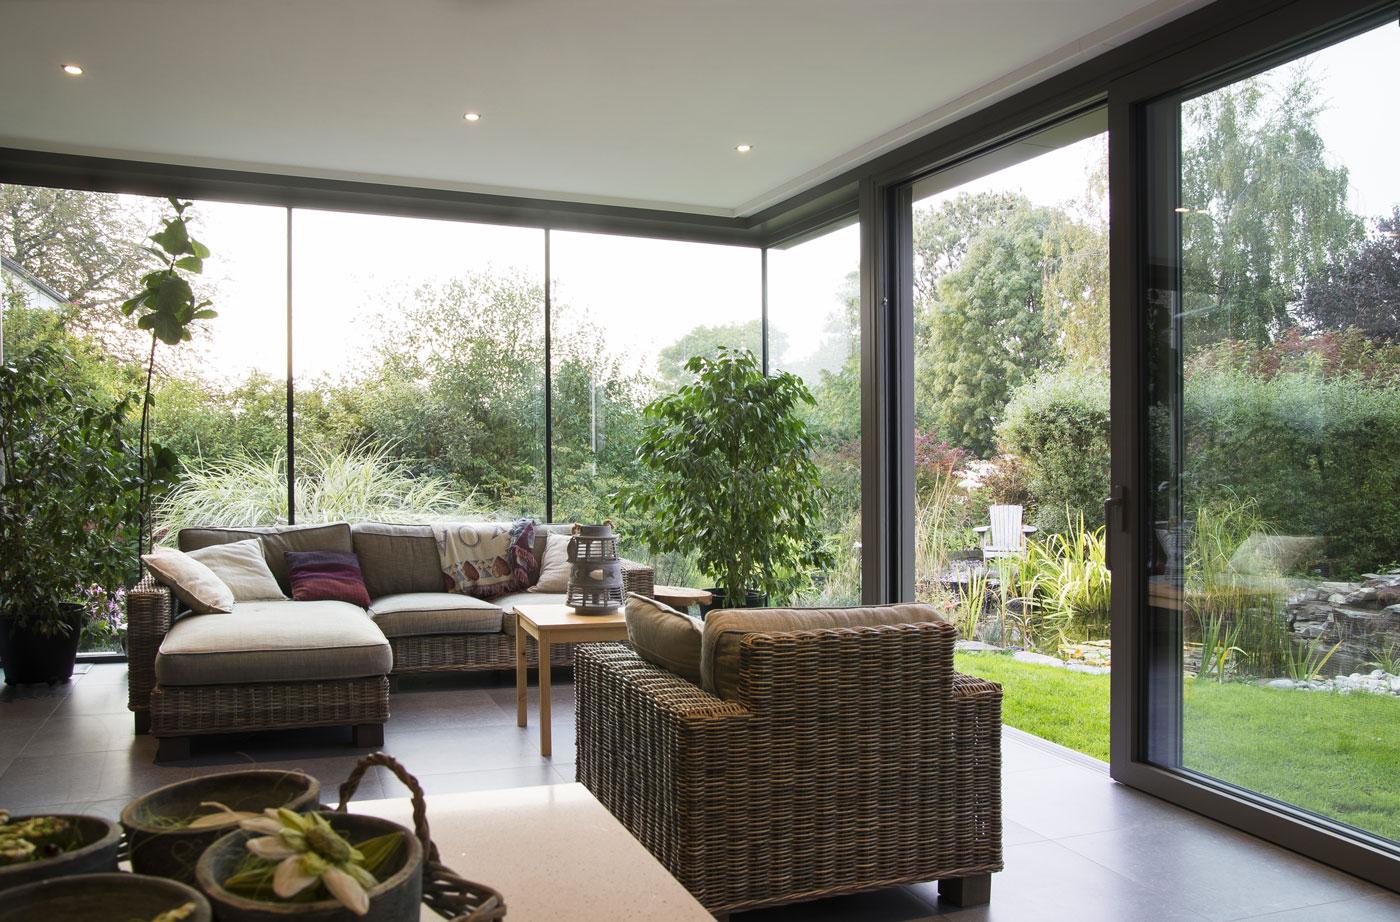 Giardino d 39 inverno come realizzarne uno da sogno a casa for Creare la propria casa